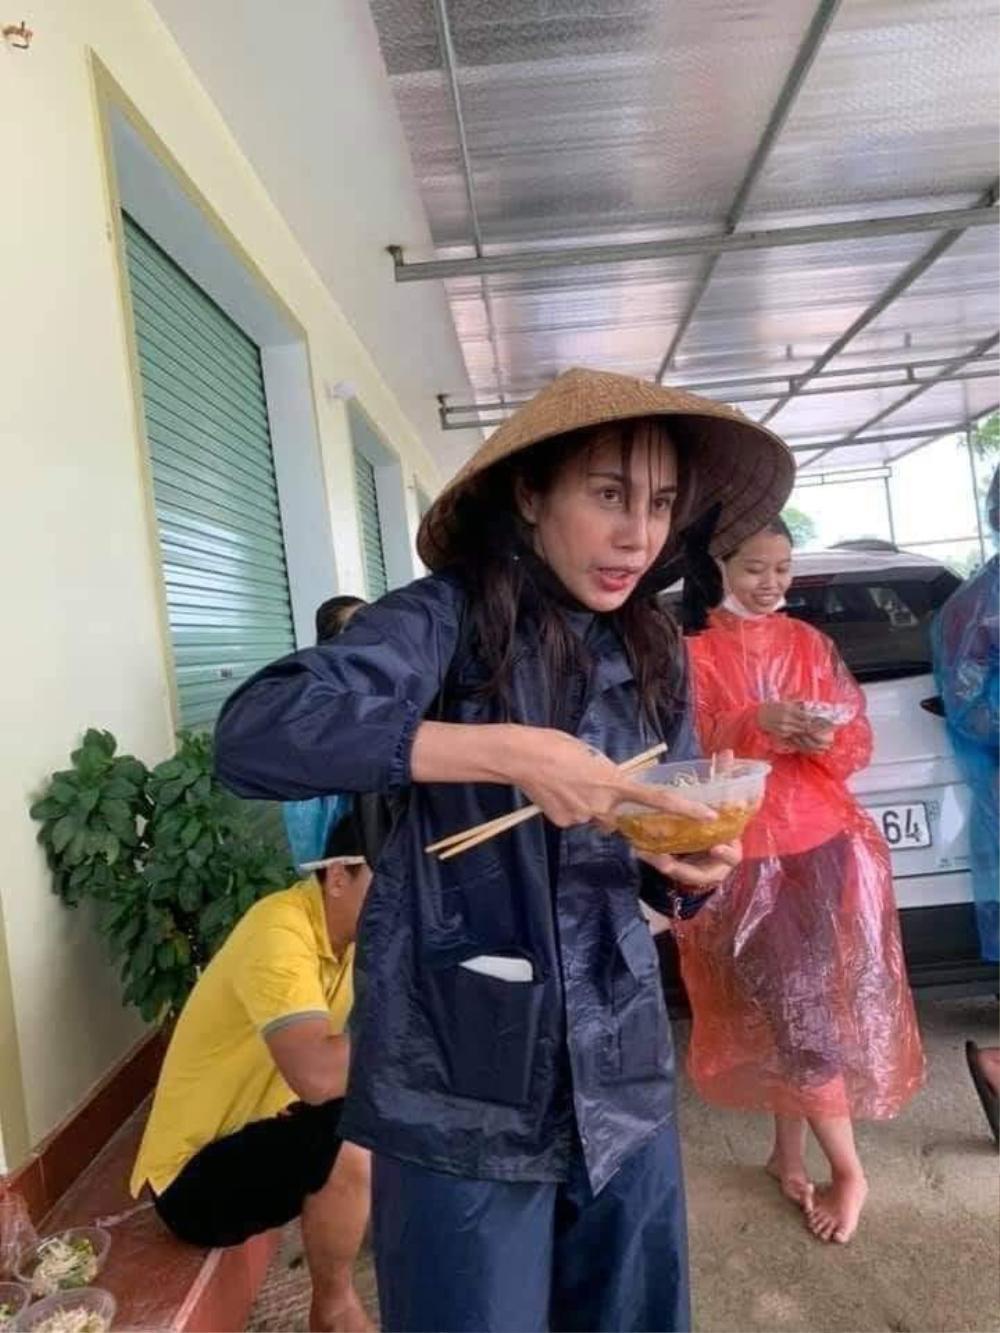 Nghệ sĩ hài Vượng Râu khuyên Thủy Tiên thuê luật sư, trao ngay 80 tỉ tới Uỷ ban MTTQ hoặc quỹ Vì người nghèo Việt Nam Ảnh 3